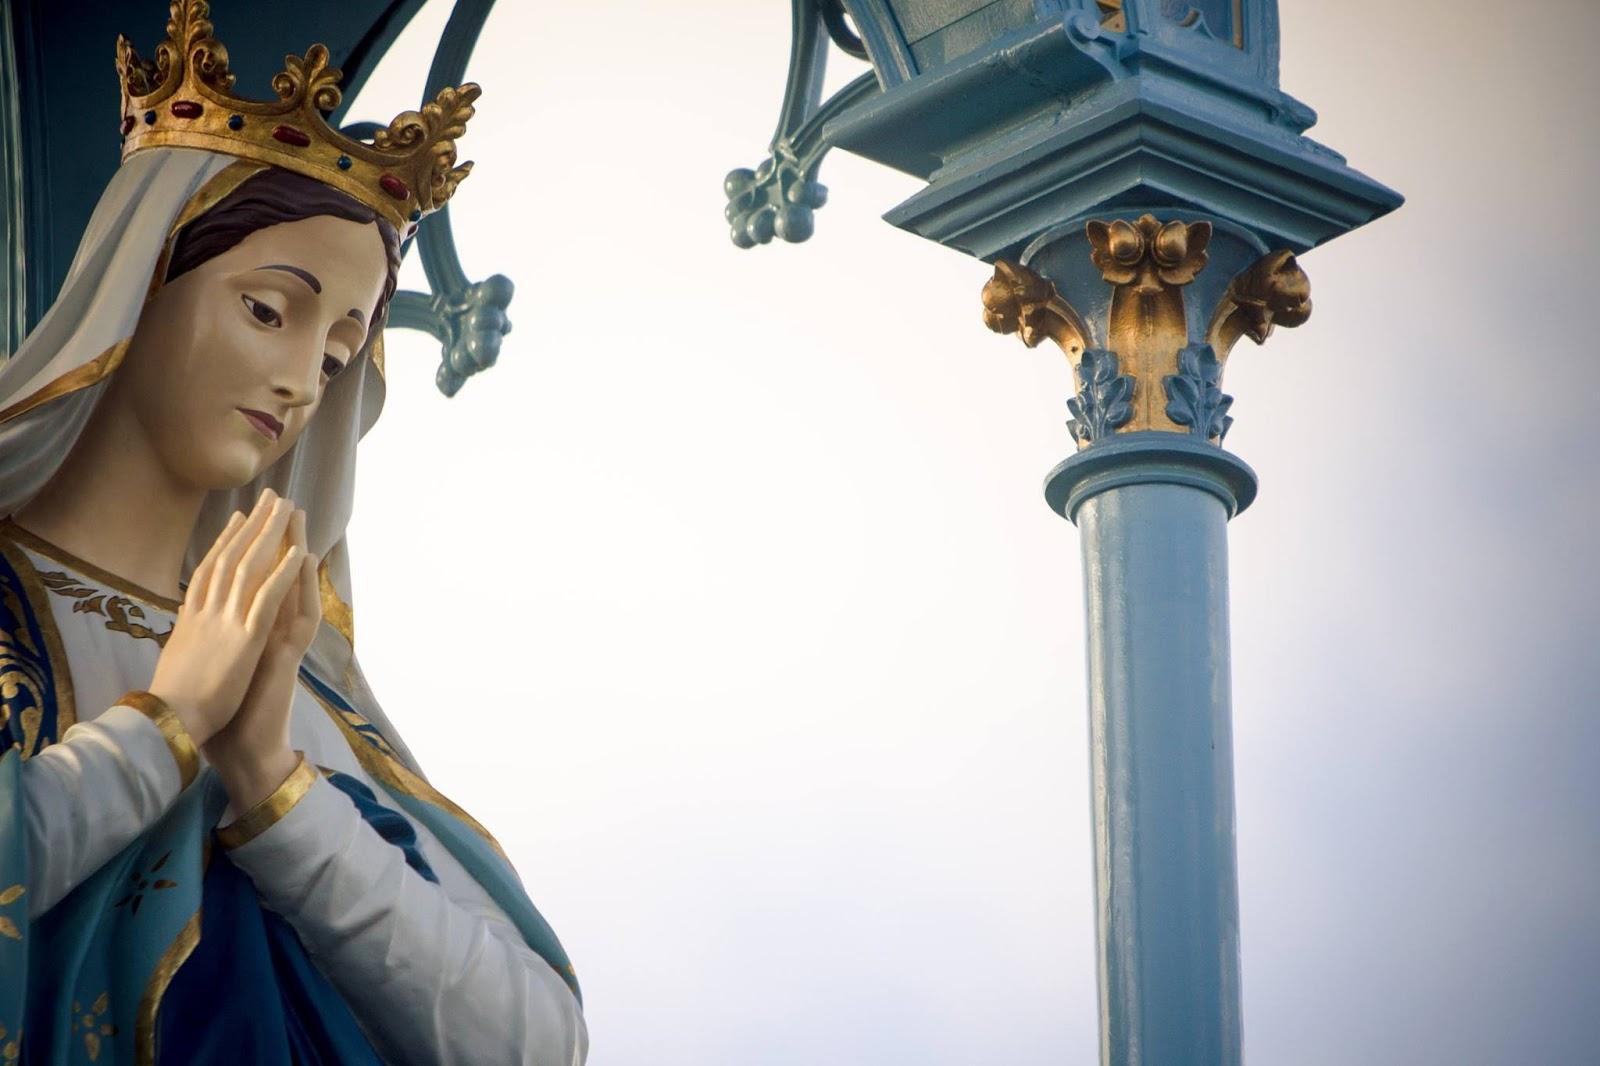 Icatolica Com Nossa Senhora Da Conceição Aparecida: Festa De Nossa Senhora Da Conceição Em Recife, Orobó E